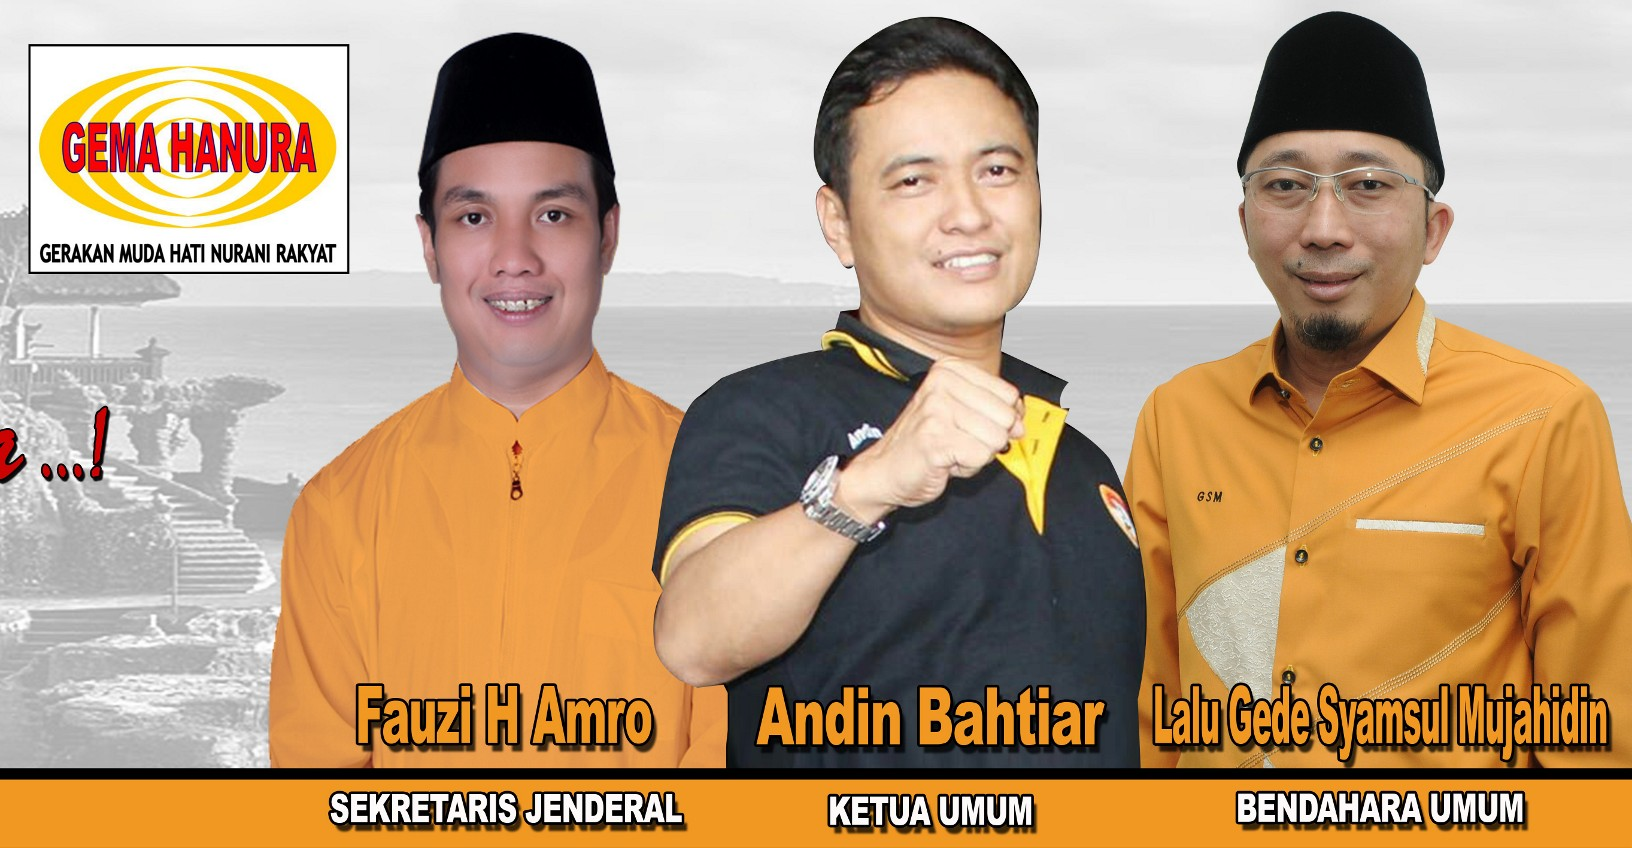 Gema Hanura Solid Merakyat, Hanura Menang Indonesia Jaya!!